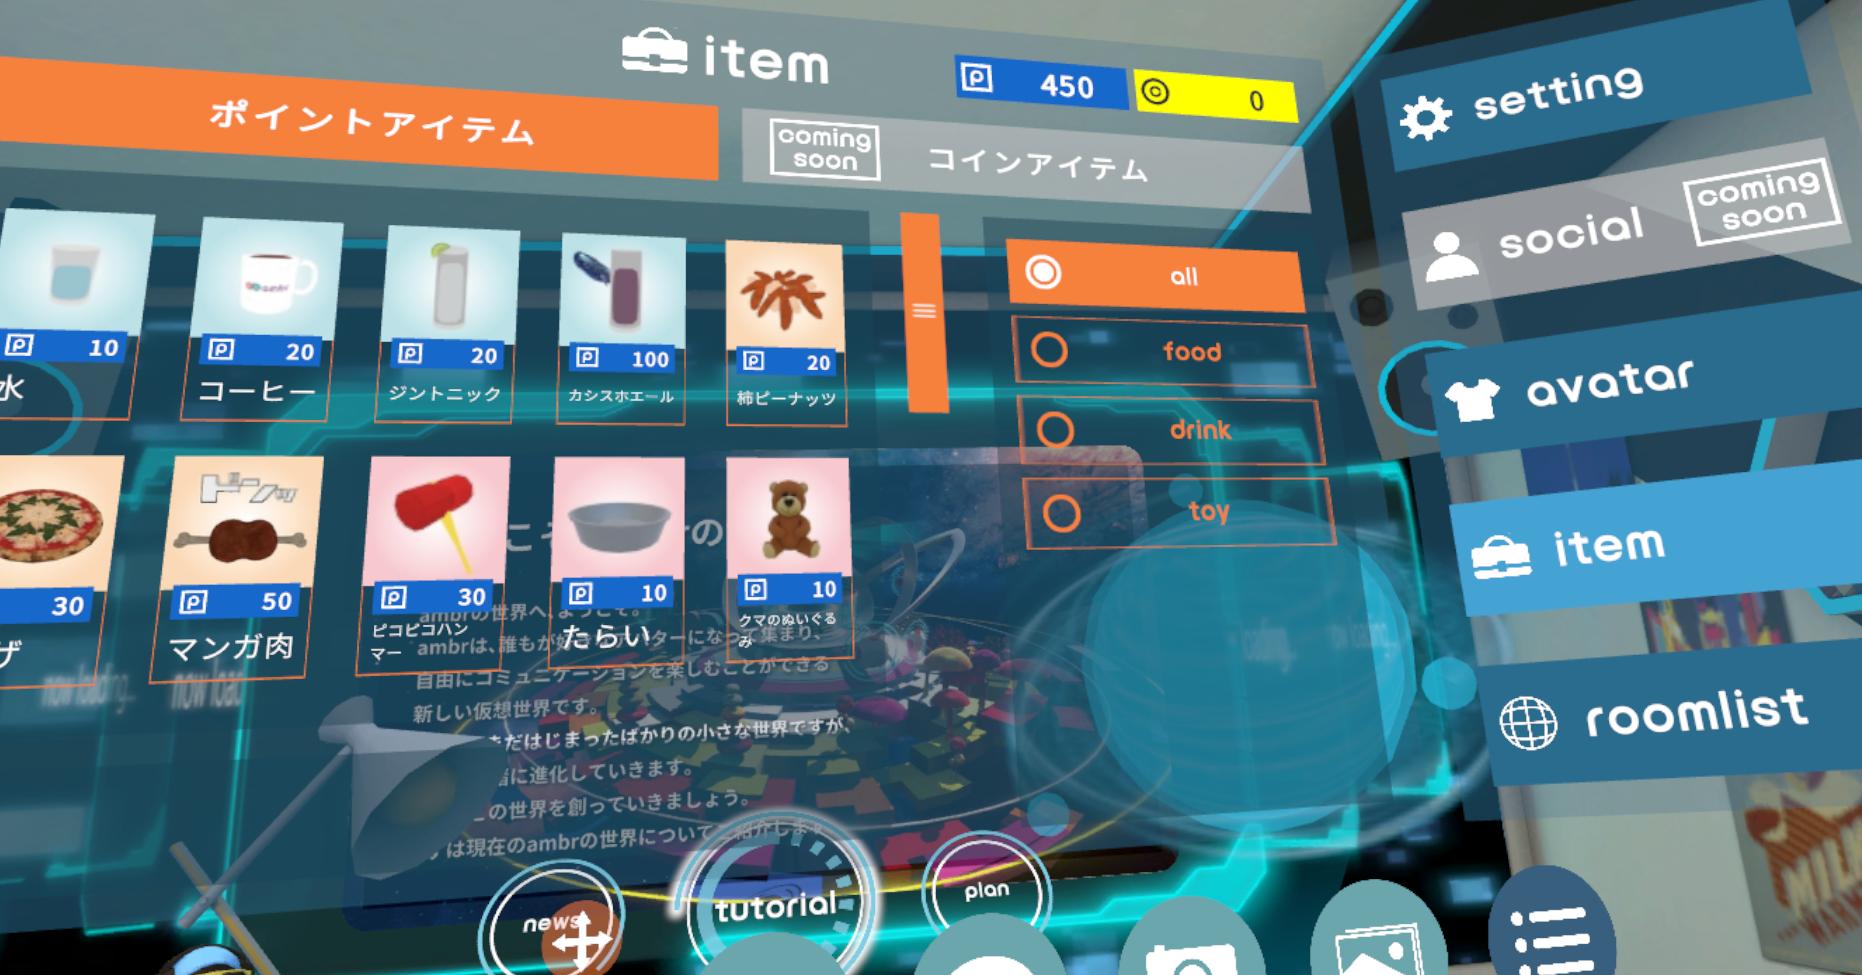 VR SNS【ambr】のメニュー説明3